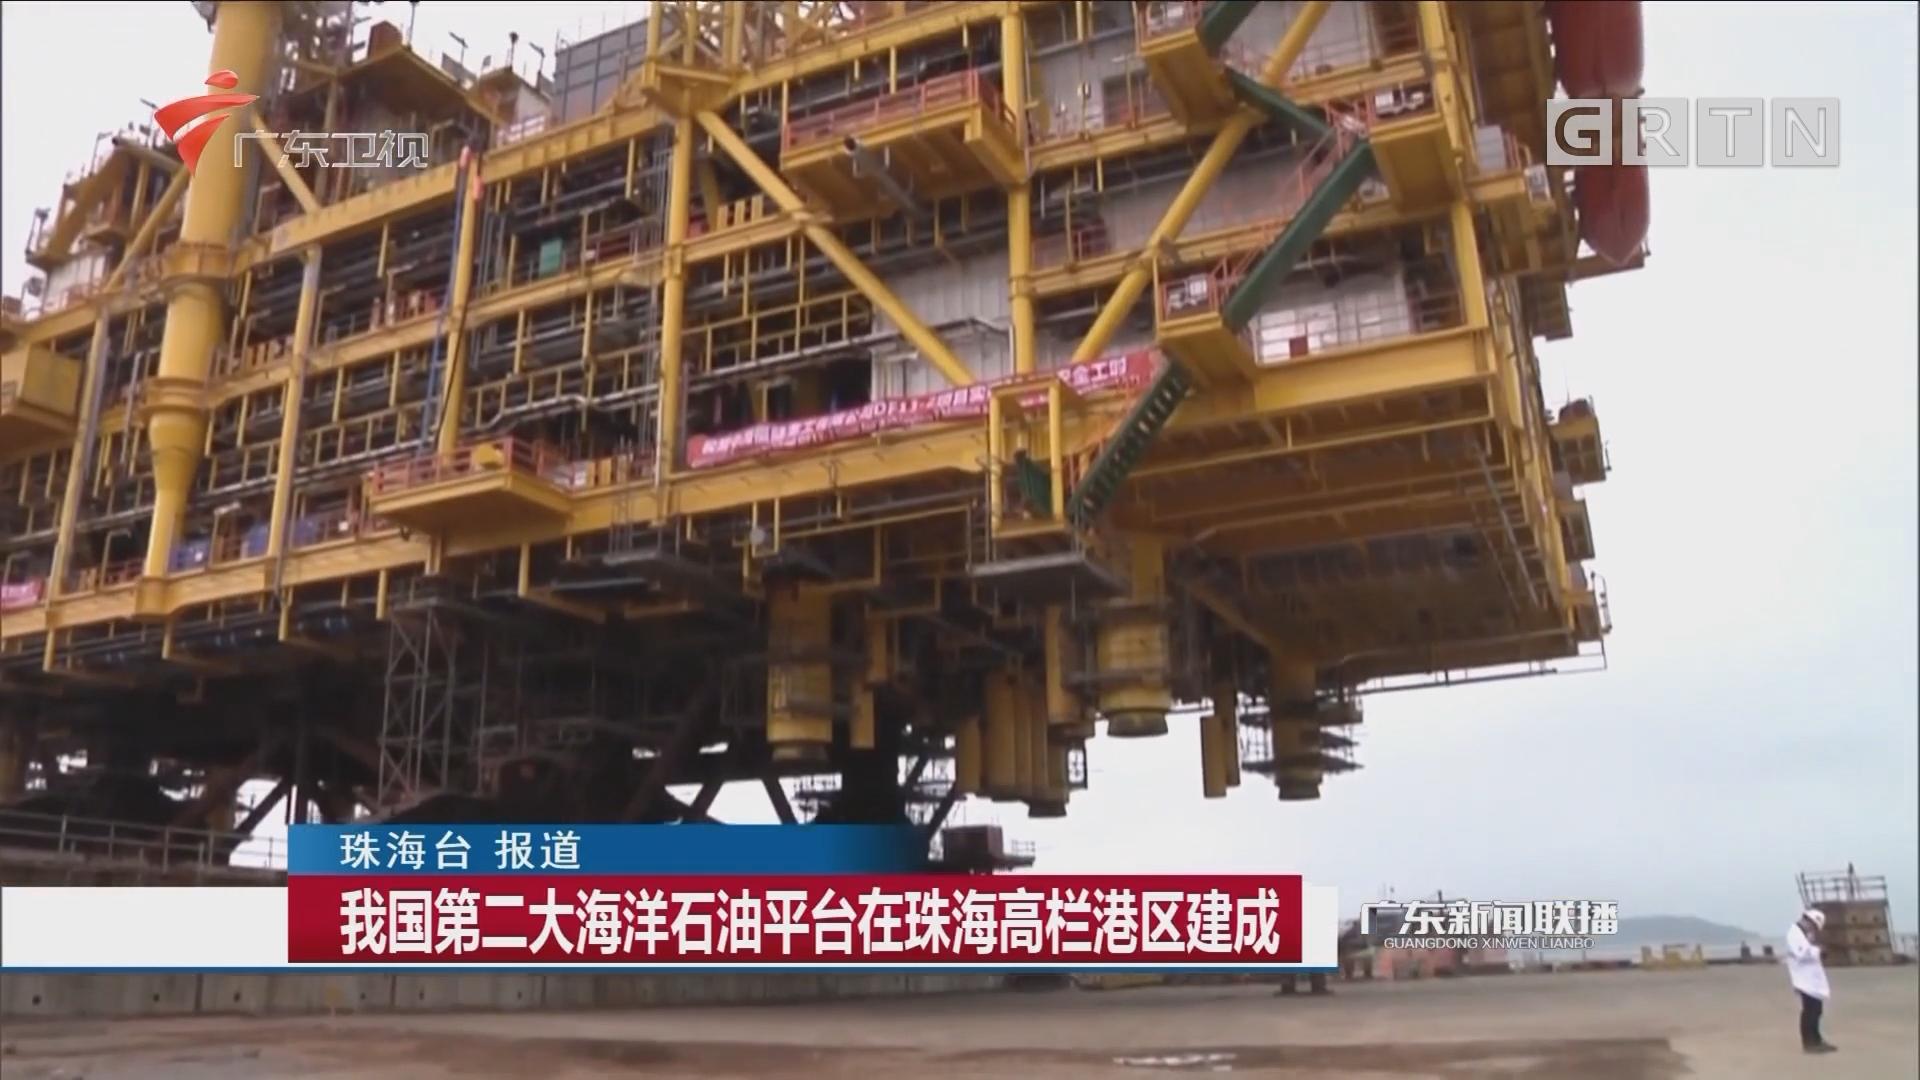 我国第二大海洋石油平台在珠海高栏港区建成